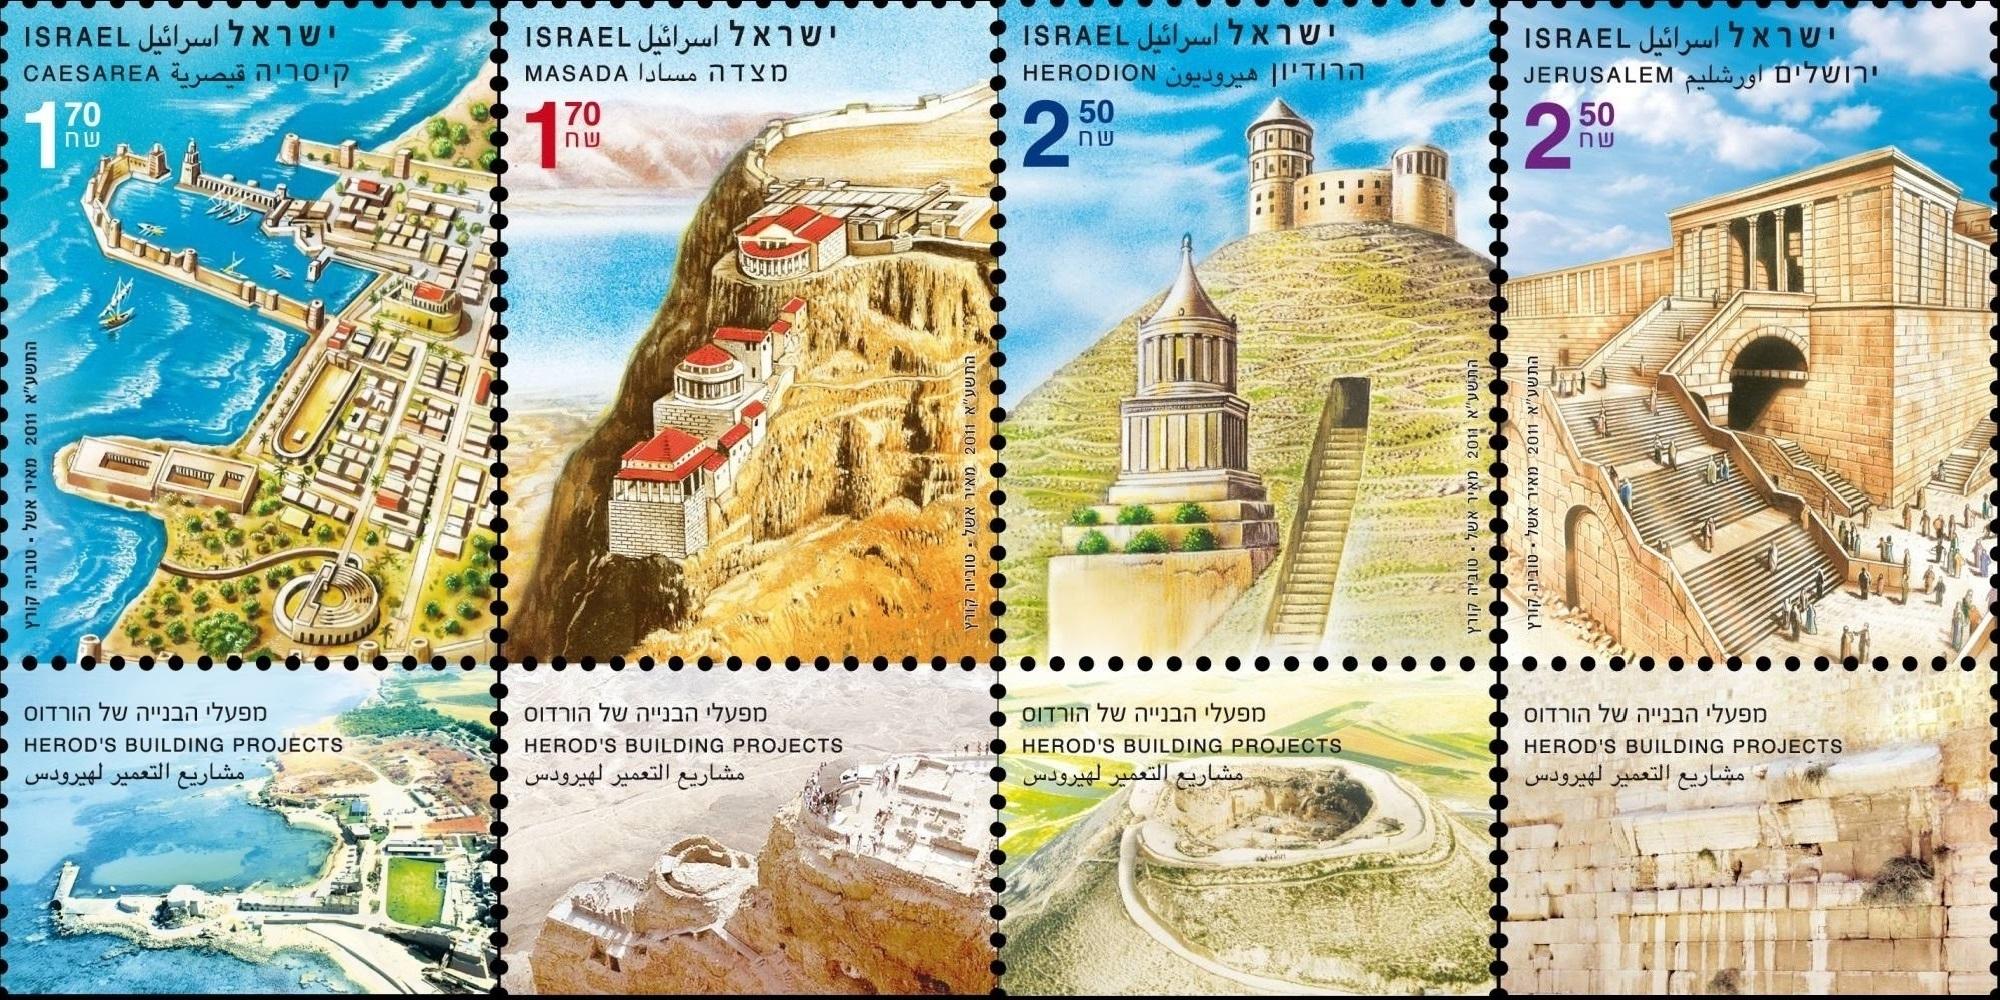 Heródes főbb építkezési projektjei izraeli bélyegeken